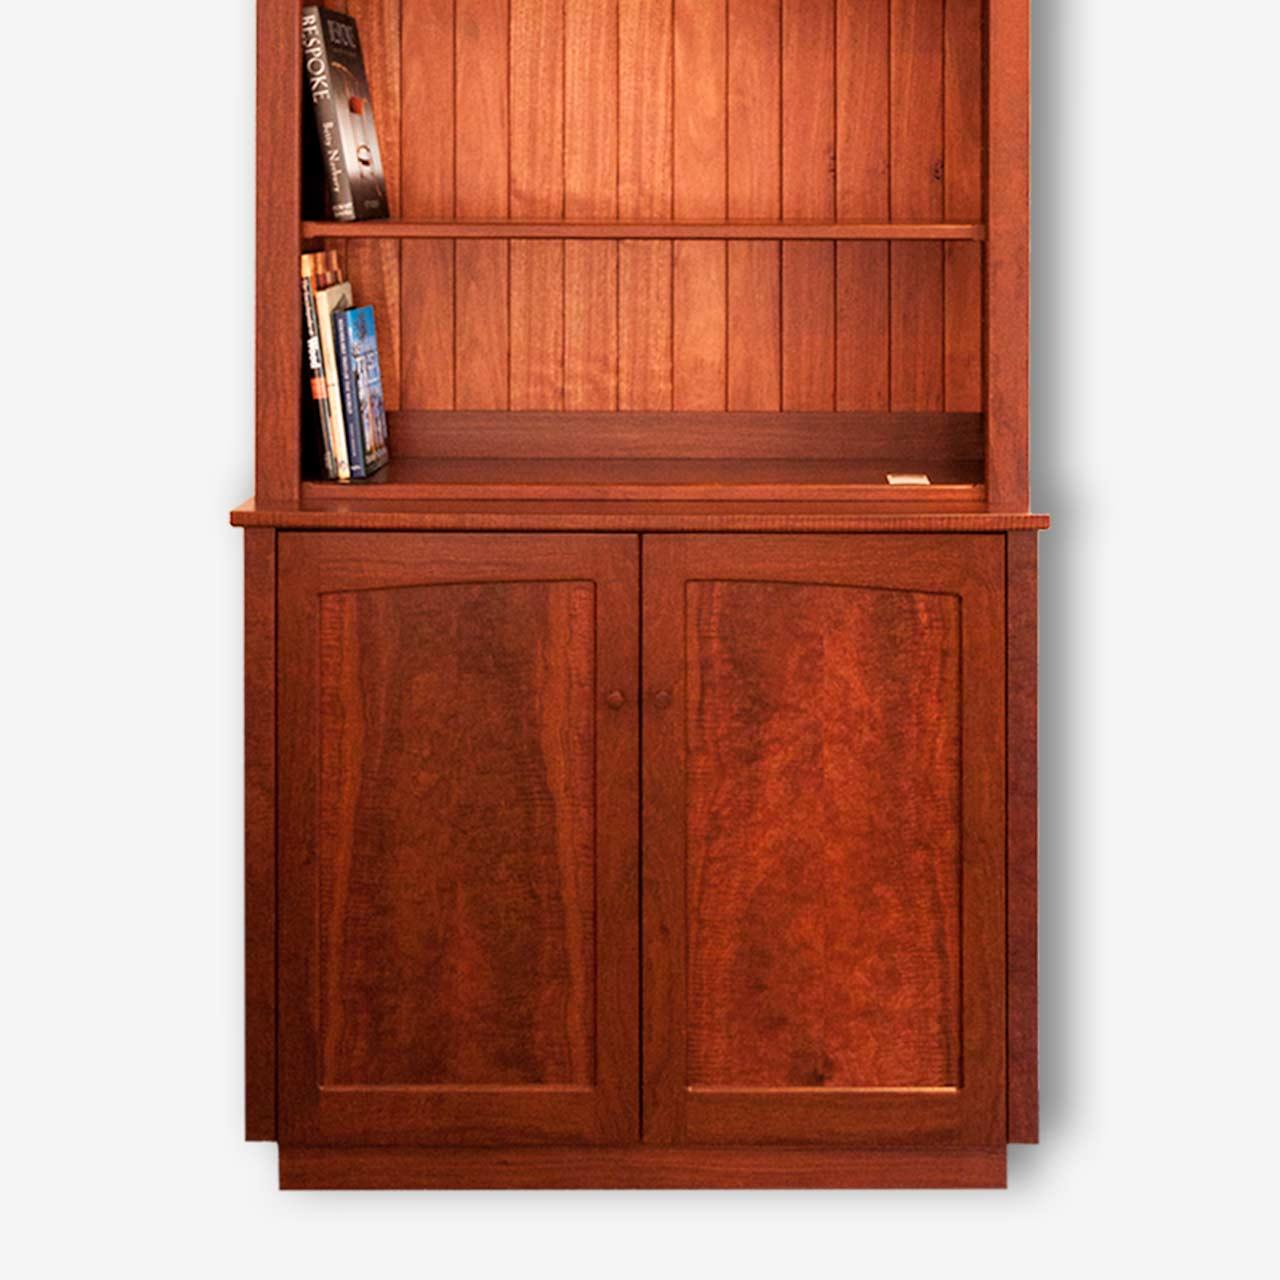 Hutch Two Door Jarrah Cabinet With Open Shelves